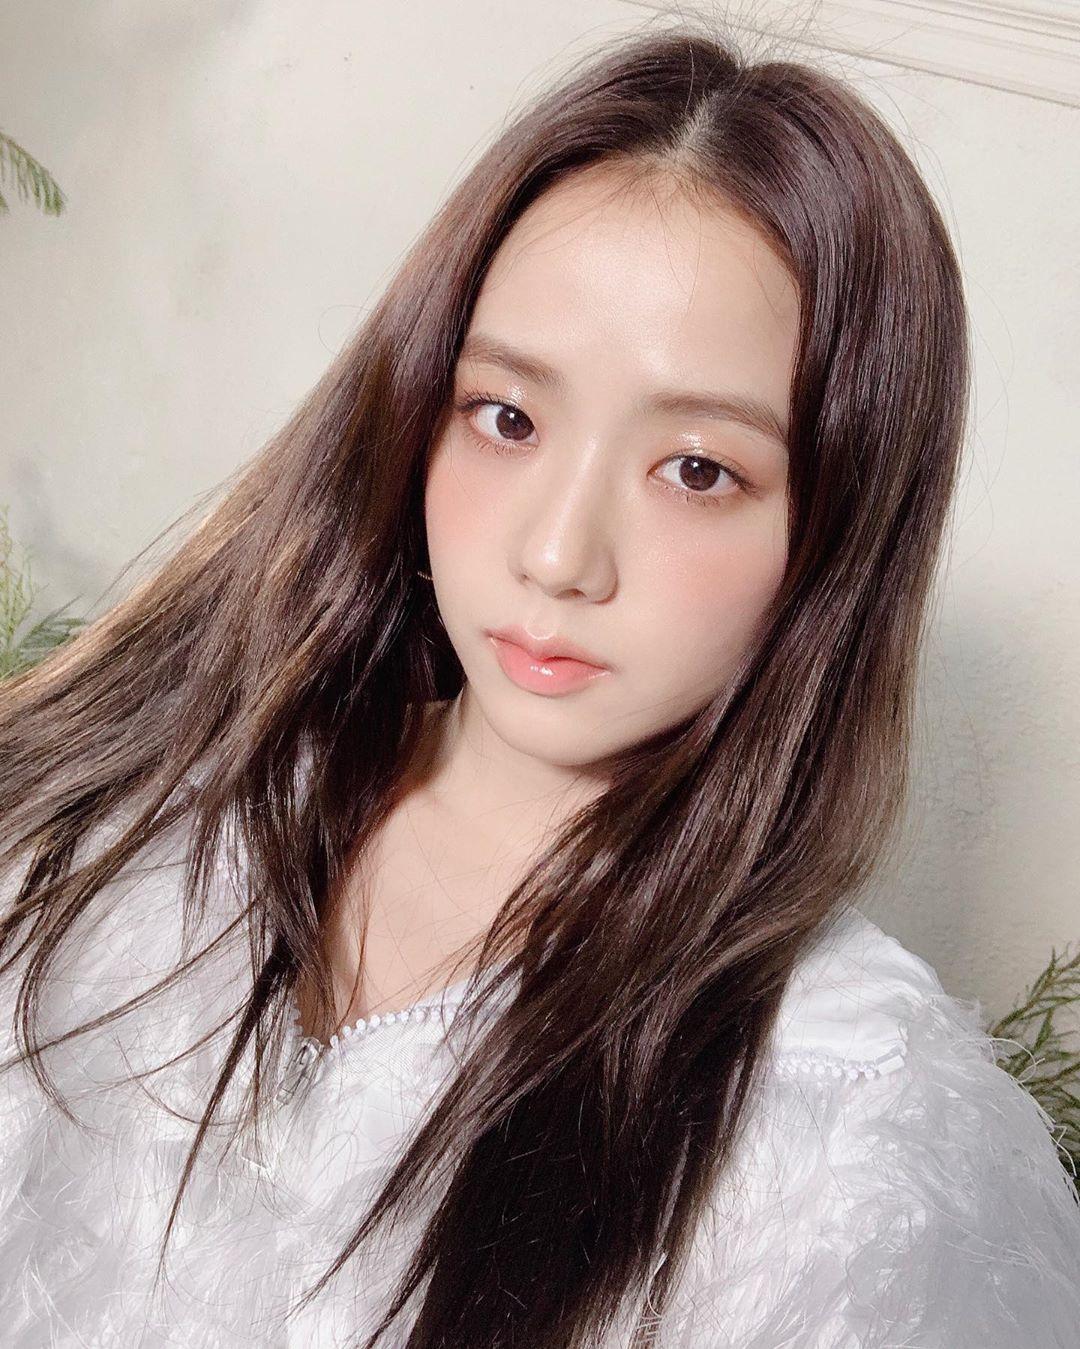 """Thật """"cân não"""" khi Song Hye Kyo - Jisoo đụng hàng: Tường thành nhan sắc kín như bưng, idol trẻ buông lơi lả lướt quá - Ảnh 4."""